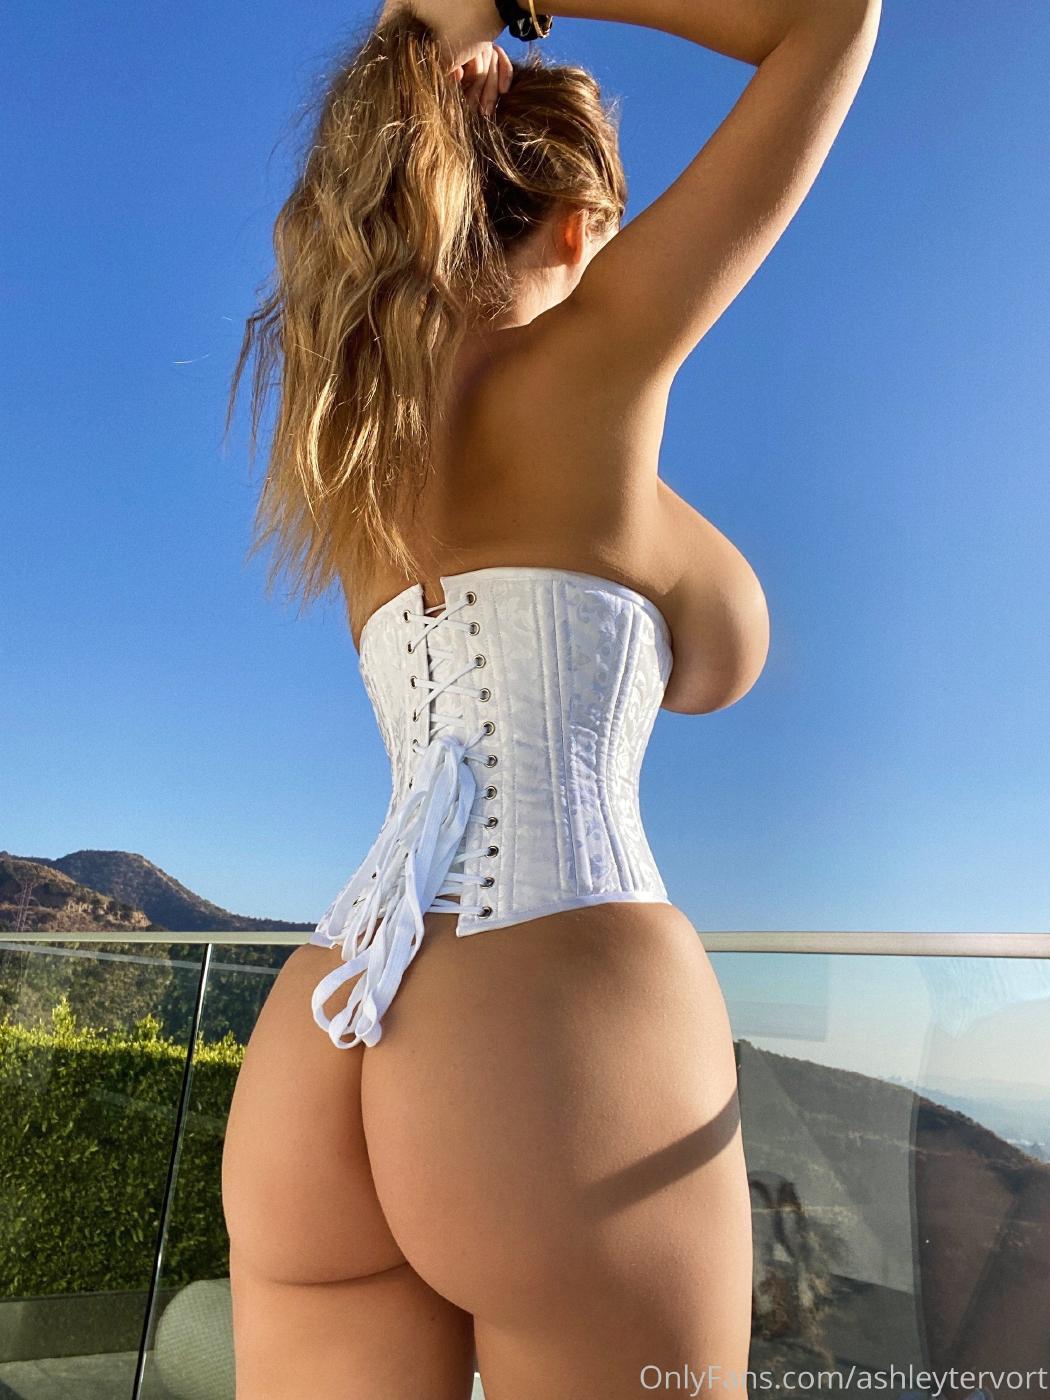 Ashley Tervort Topless Corset Onlyfans Set Leaked 0008